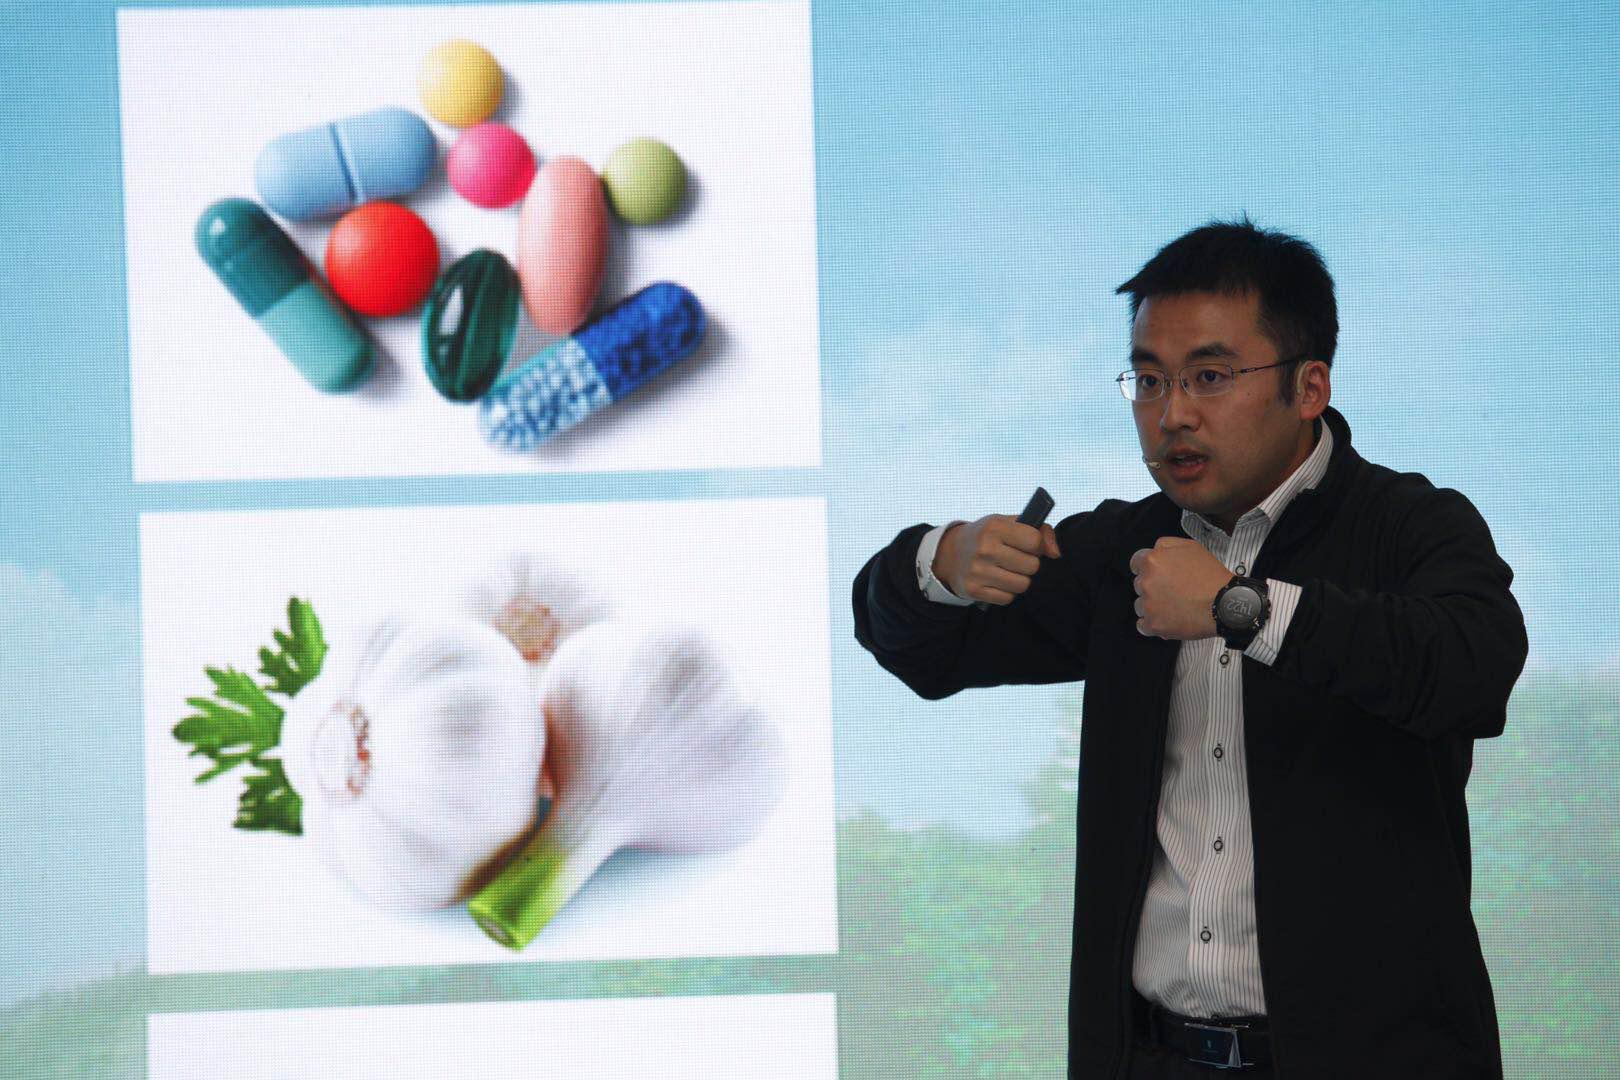 中国首位全球元素代言人讲述元素与周期律的故事